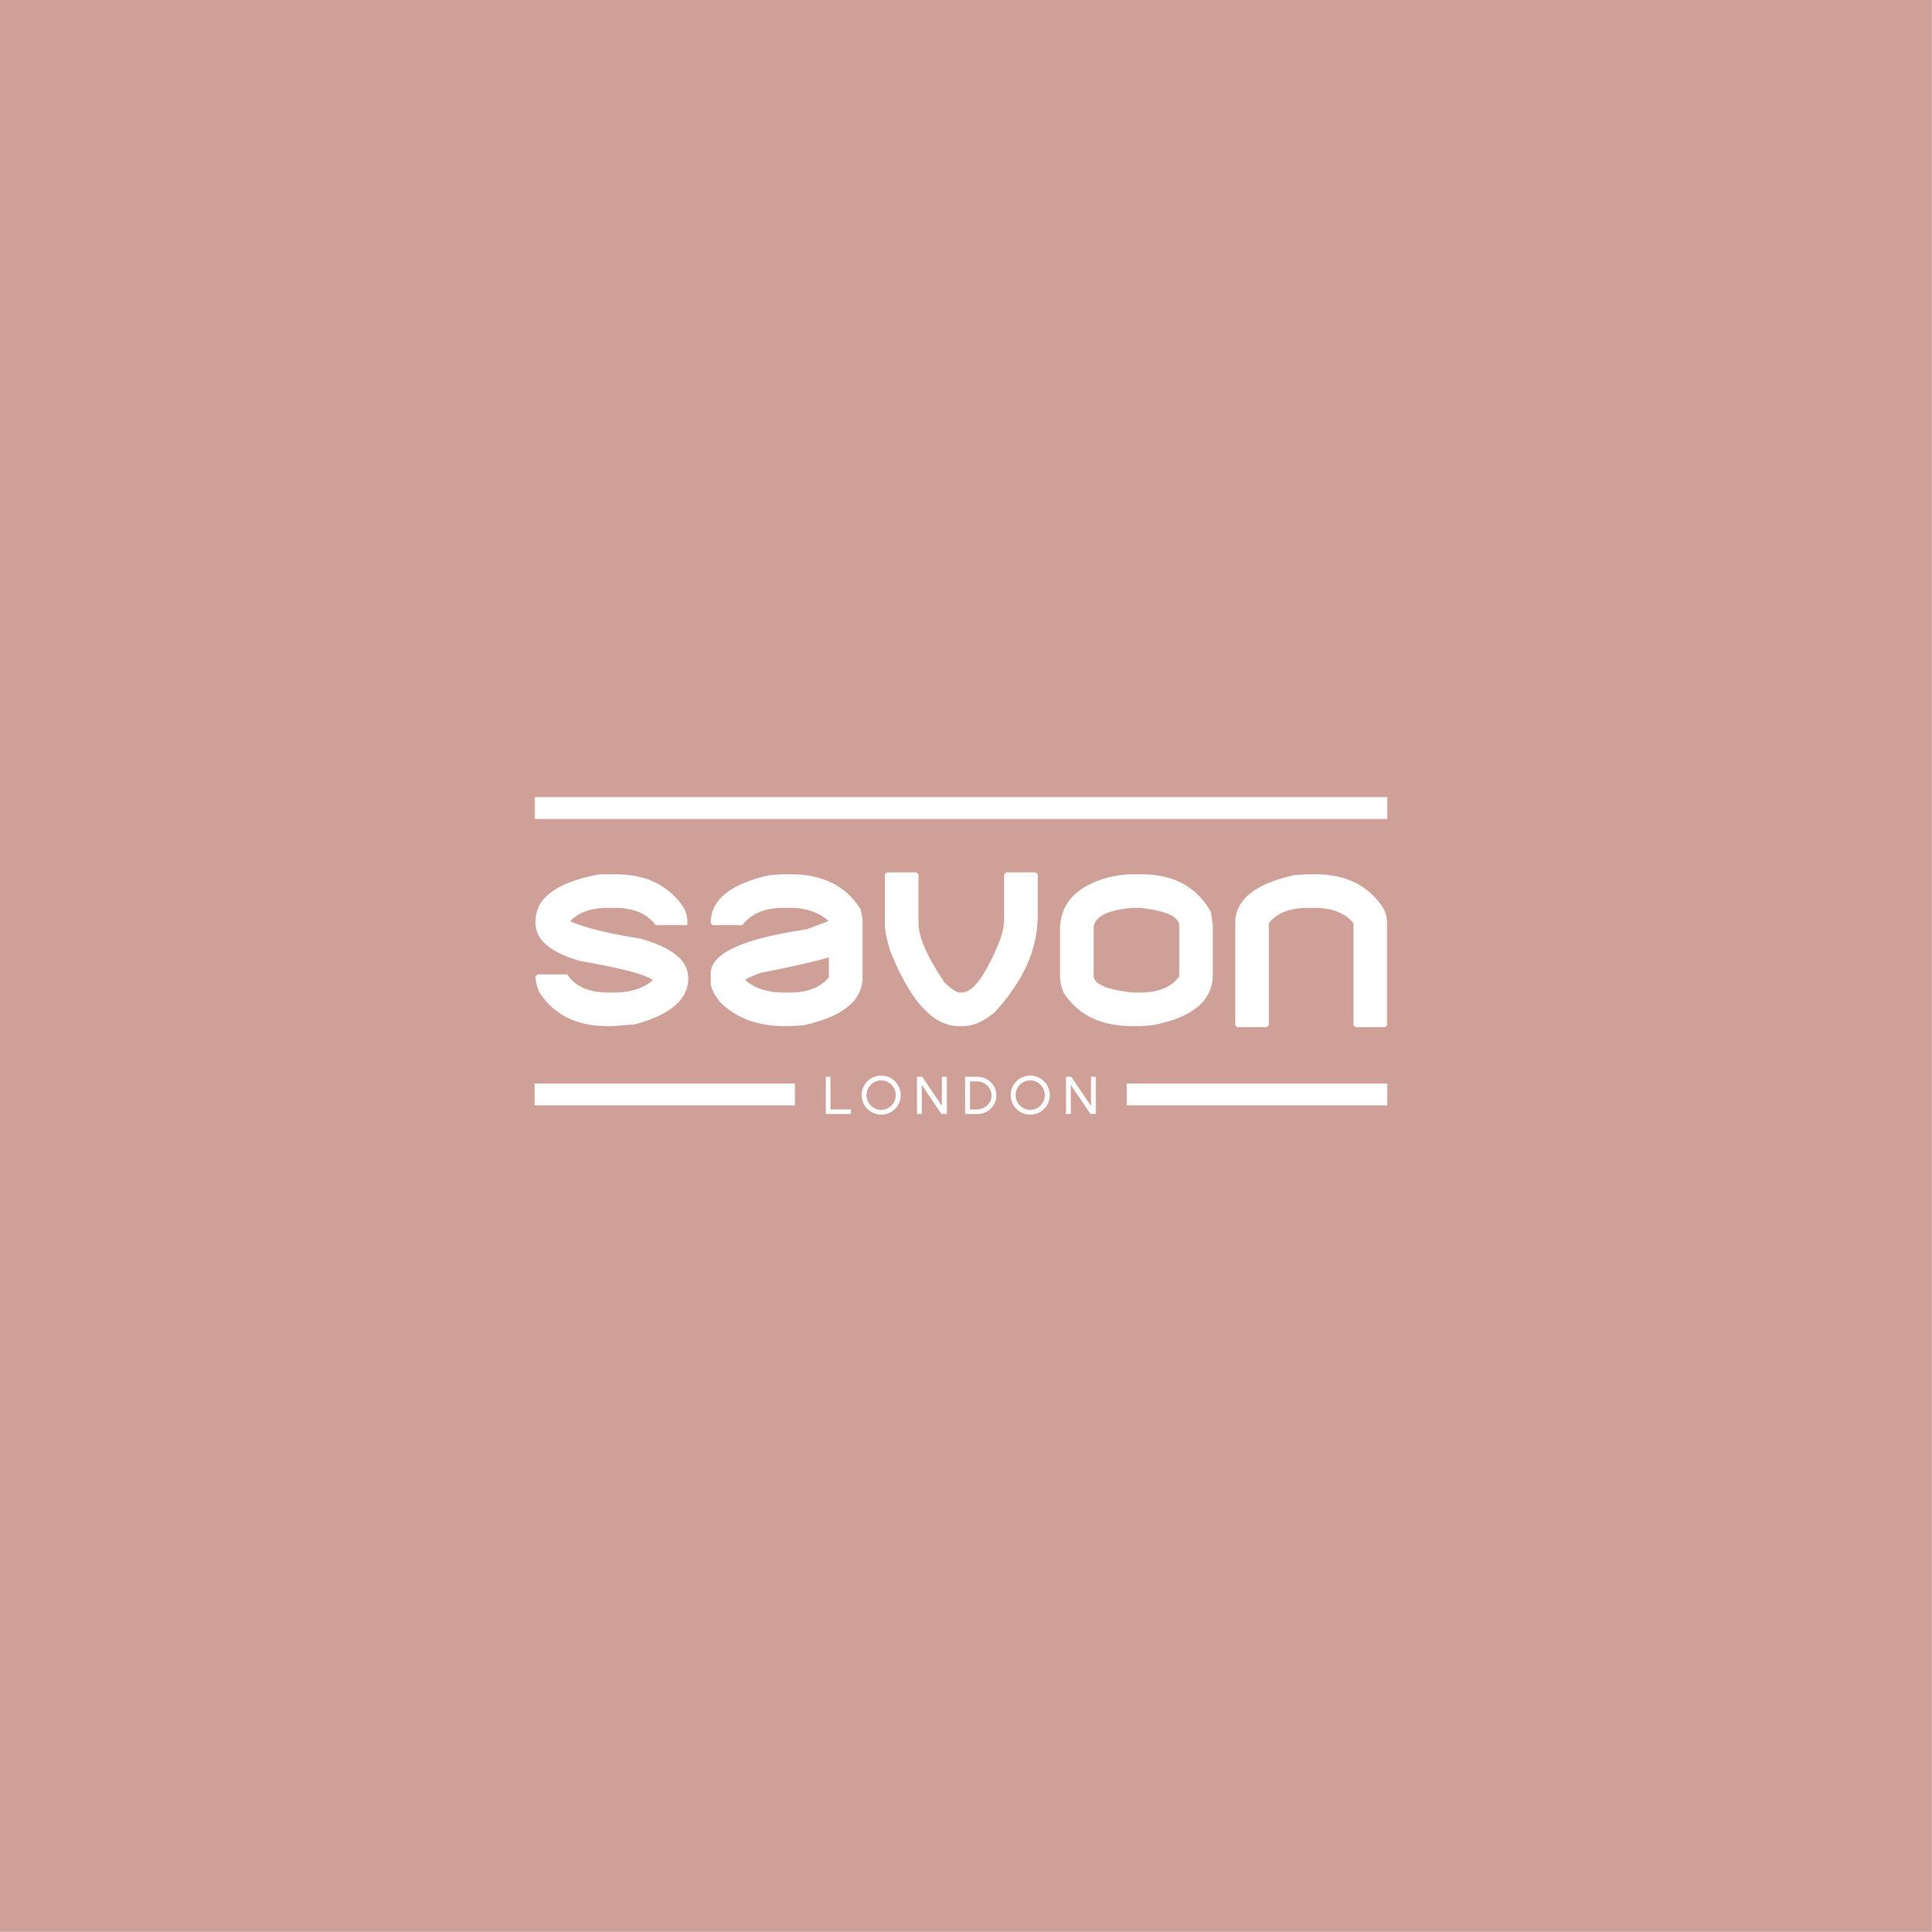 SAVON-NEW-1.jpg